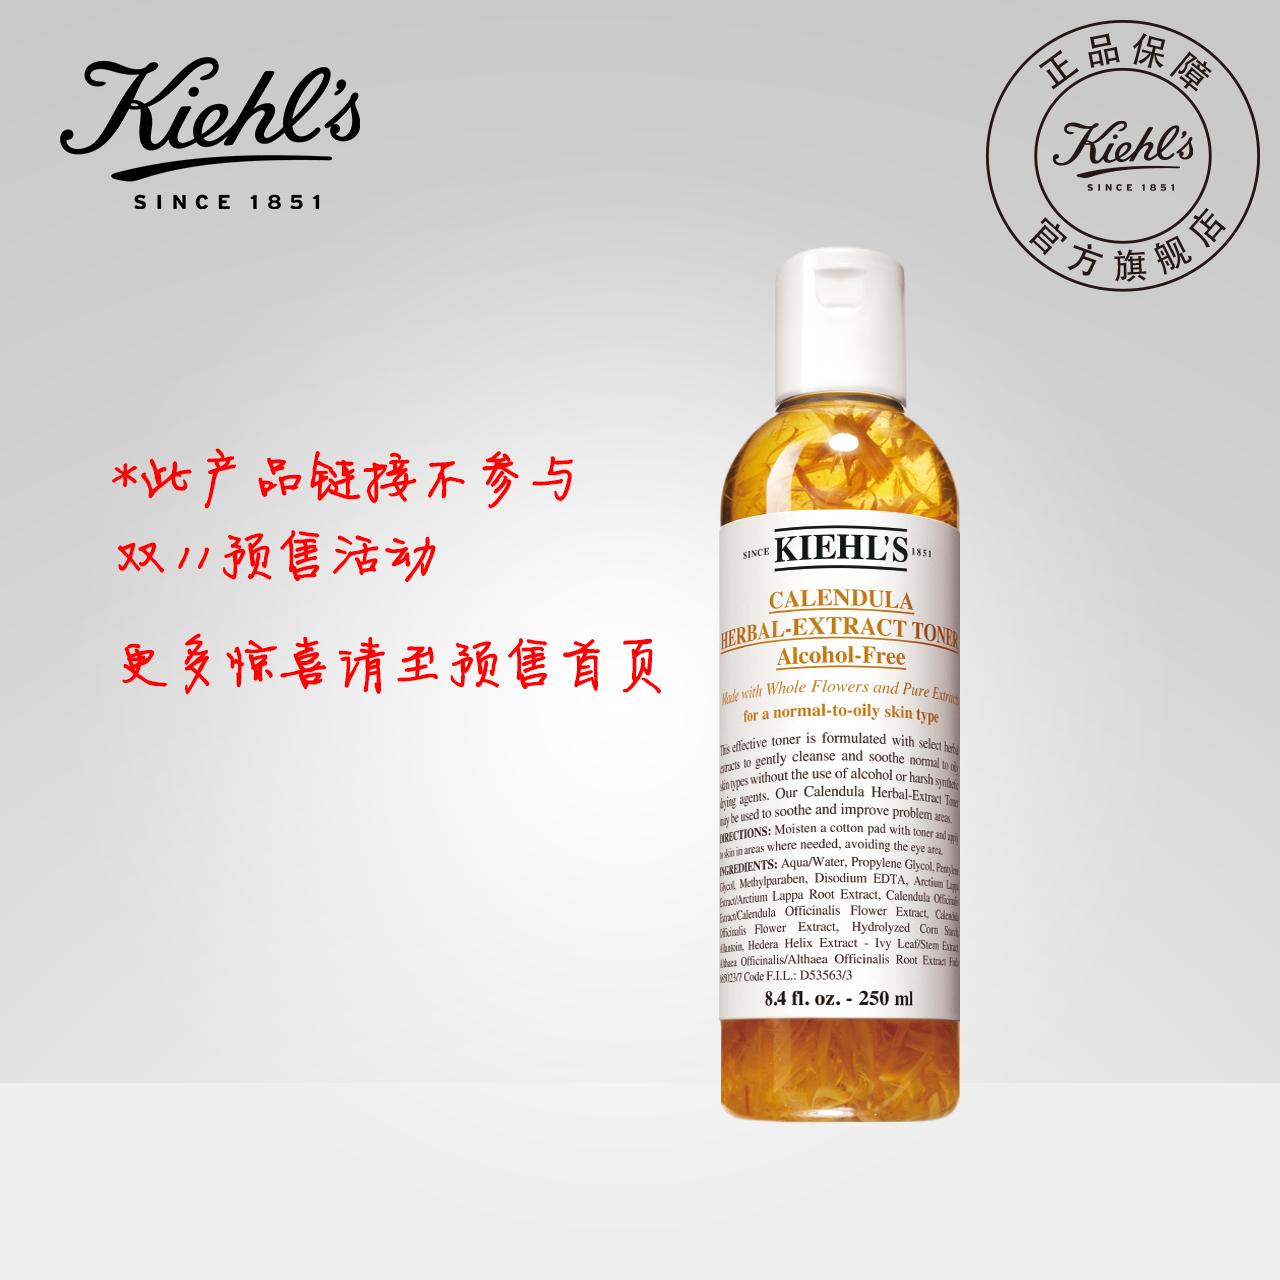 【双11狂欢提前加购】Kiehl's科颜氏金盏花植物爽肤水250ml